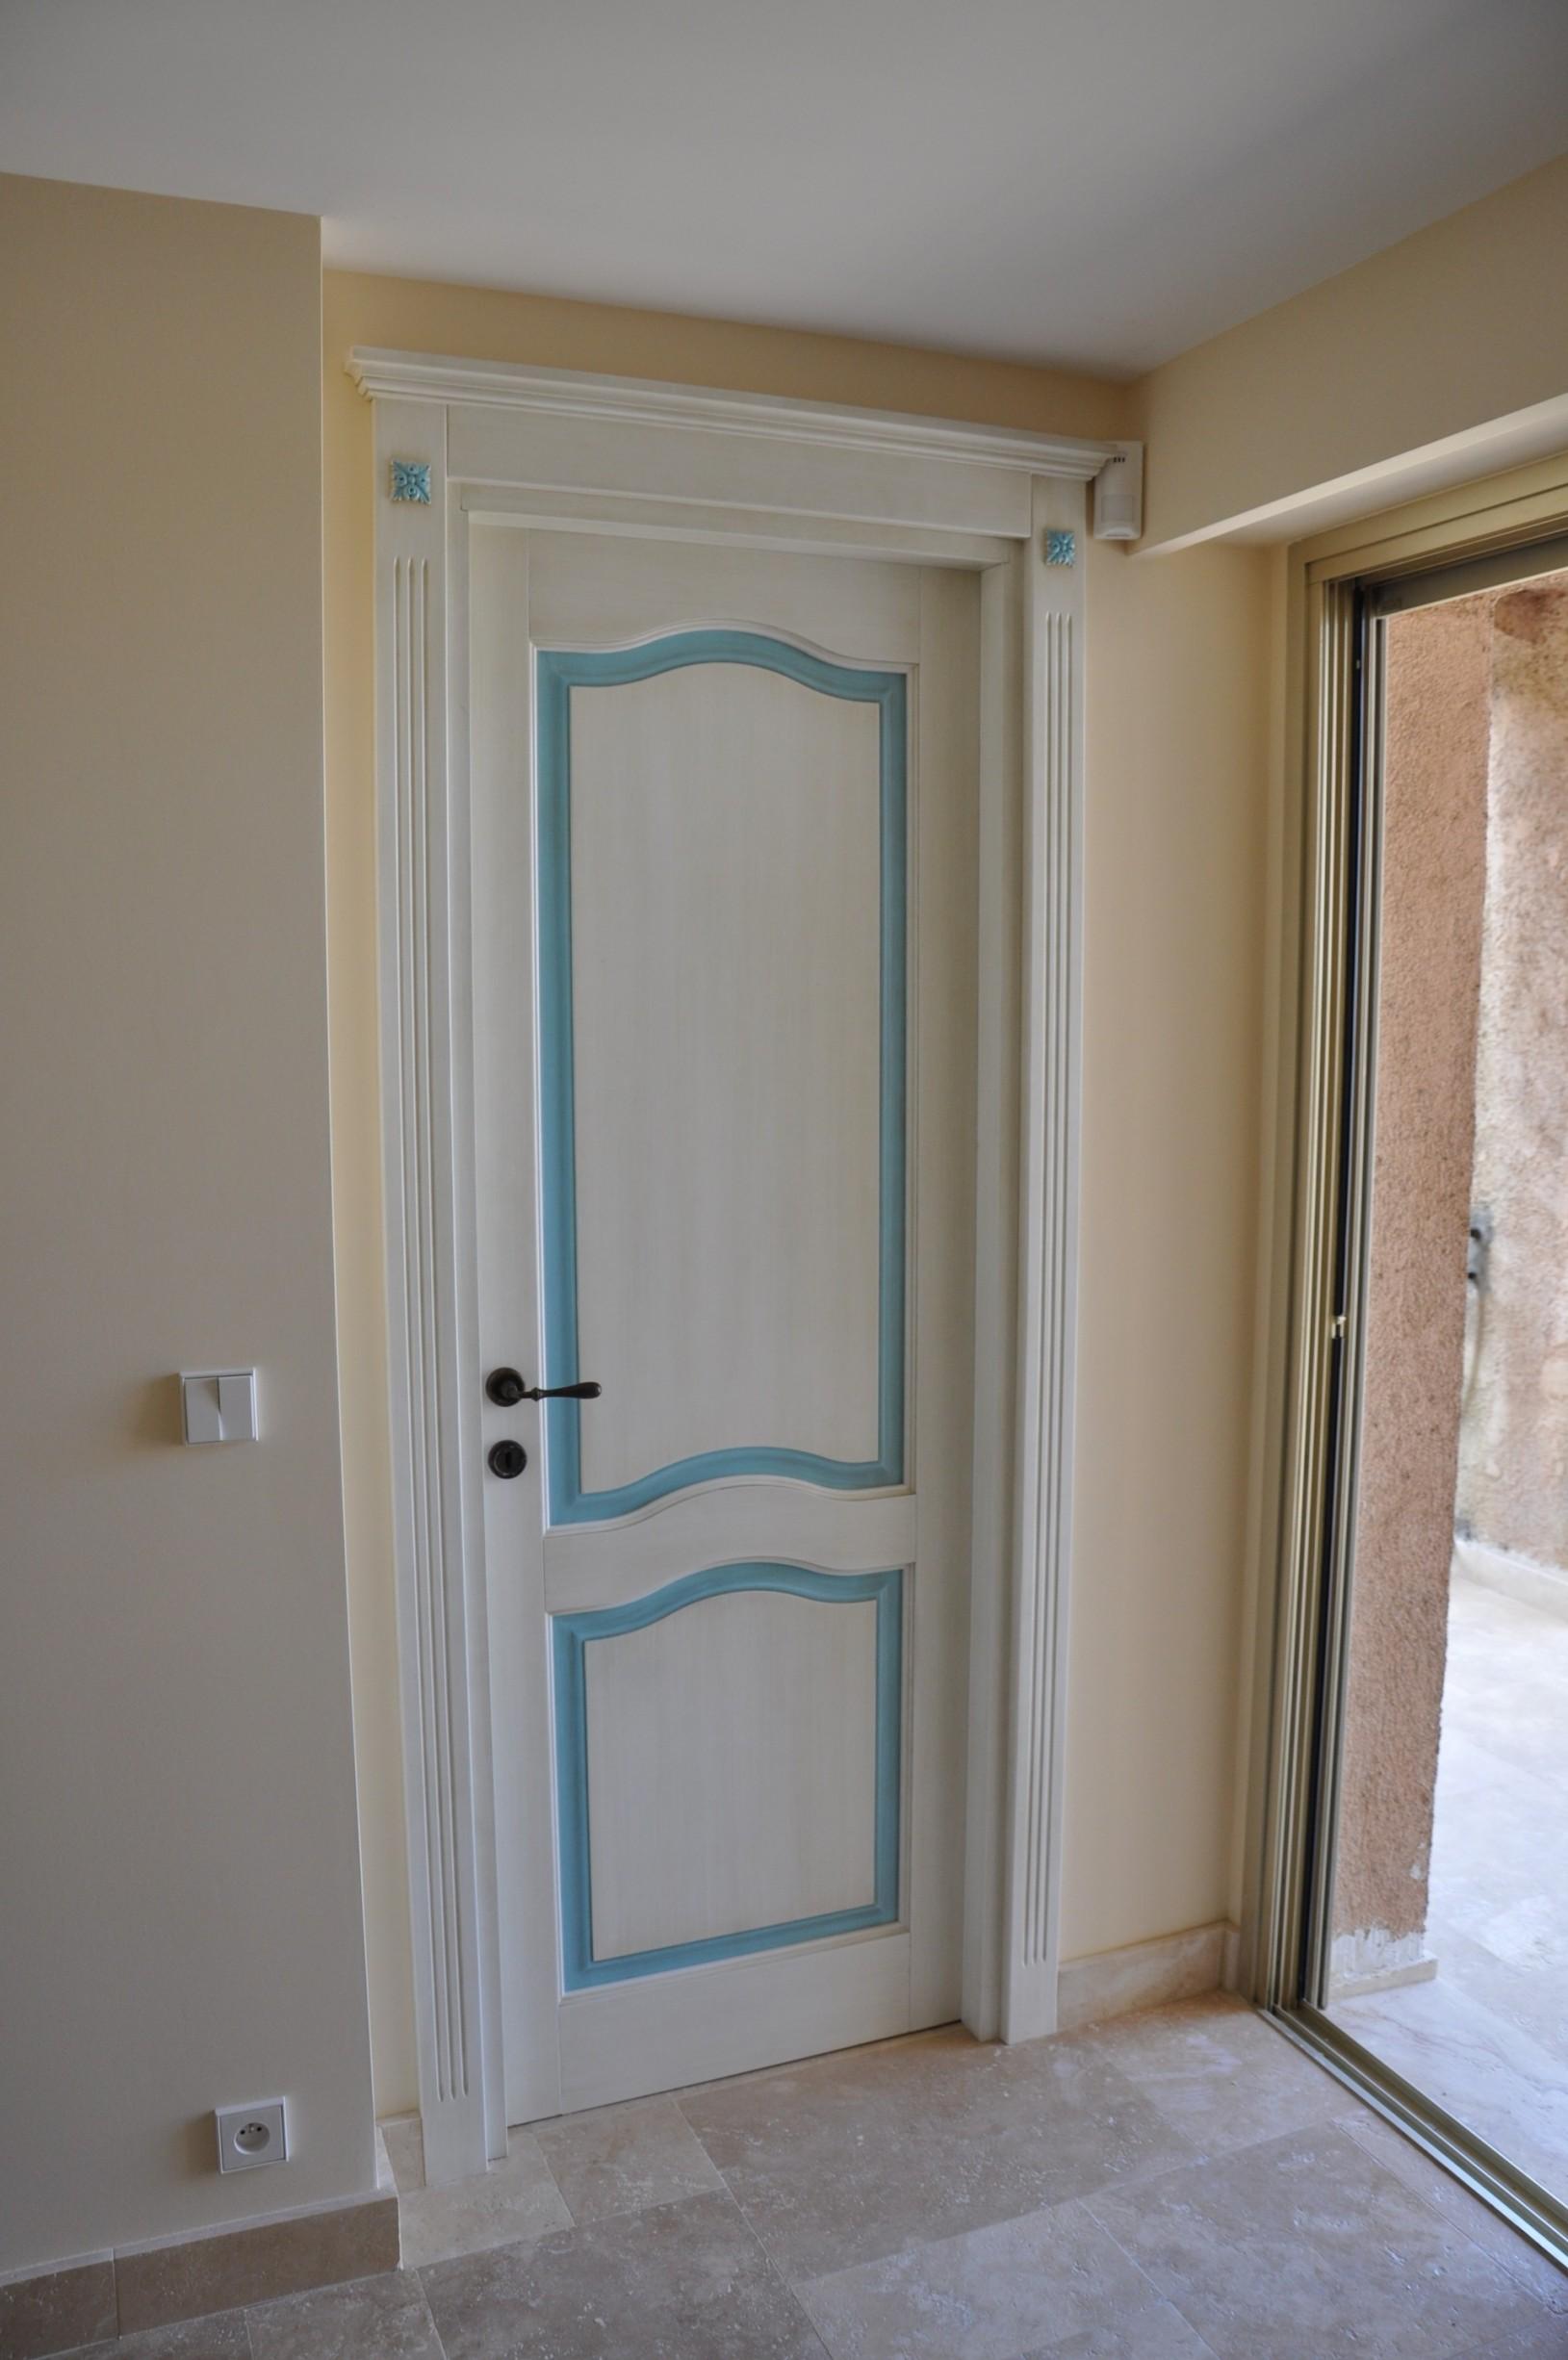 Porte per interni in legno fadini mobili cerea verona - Mobili in stile cerea ...